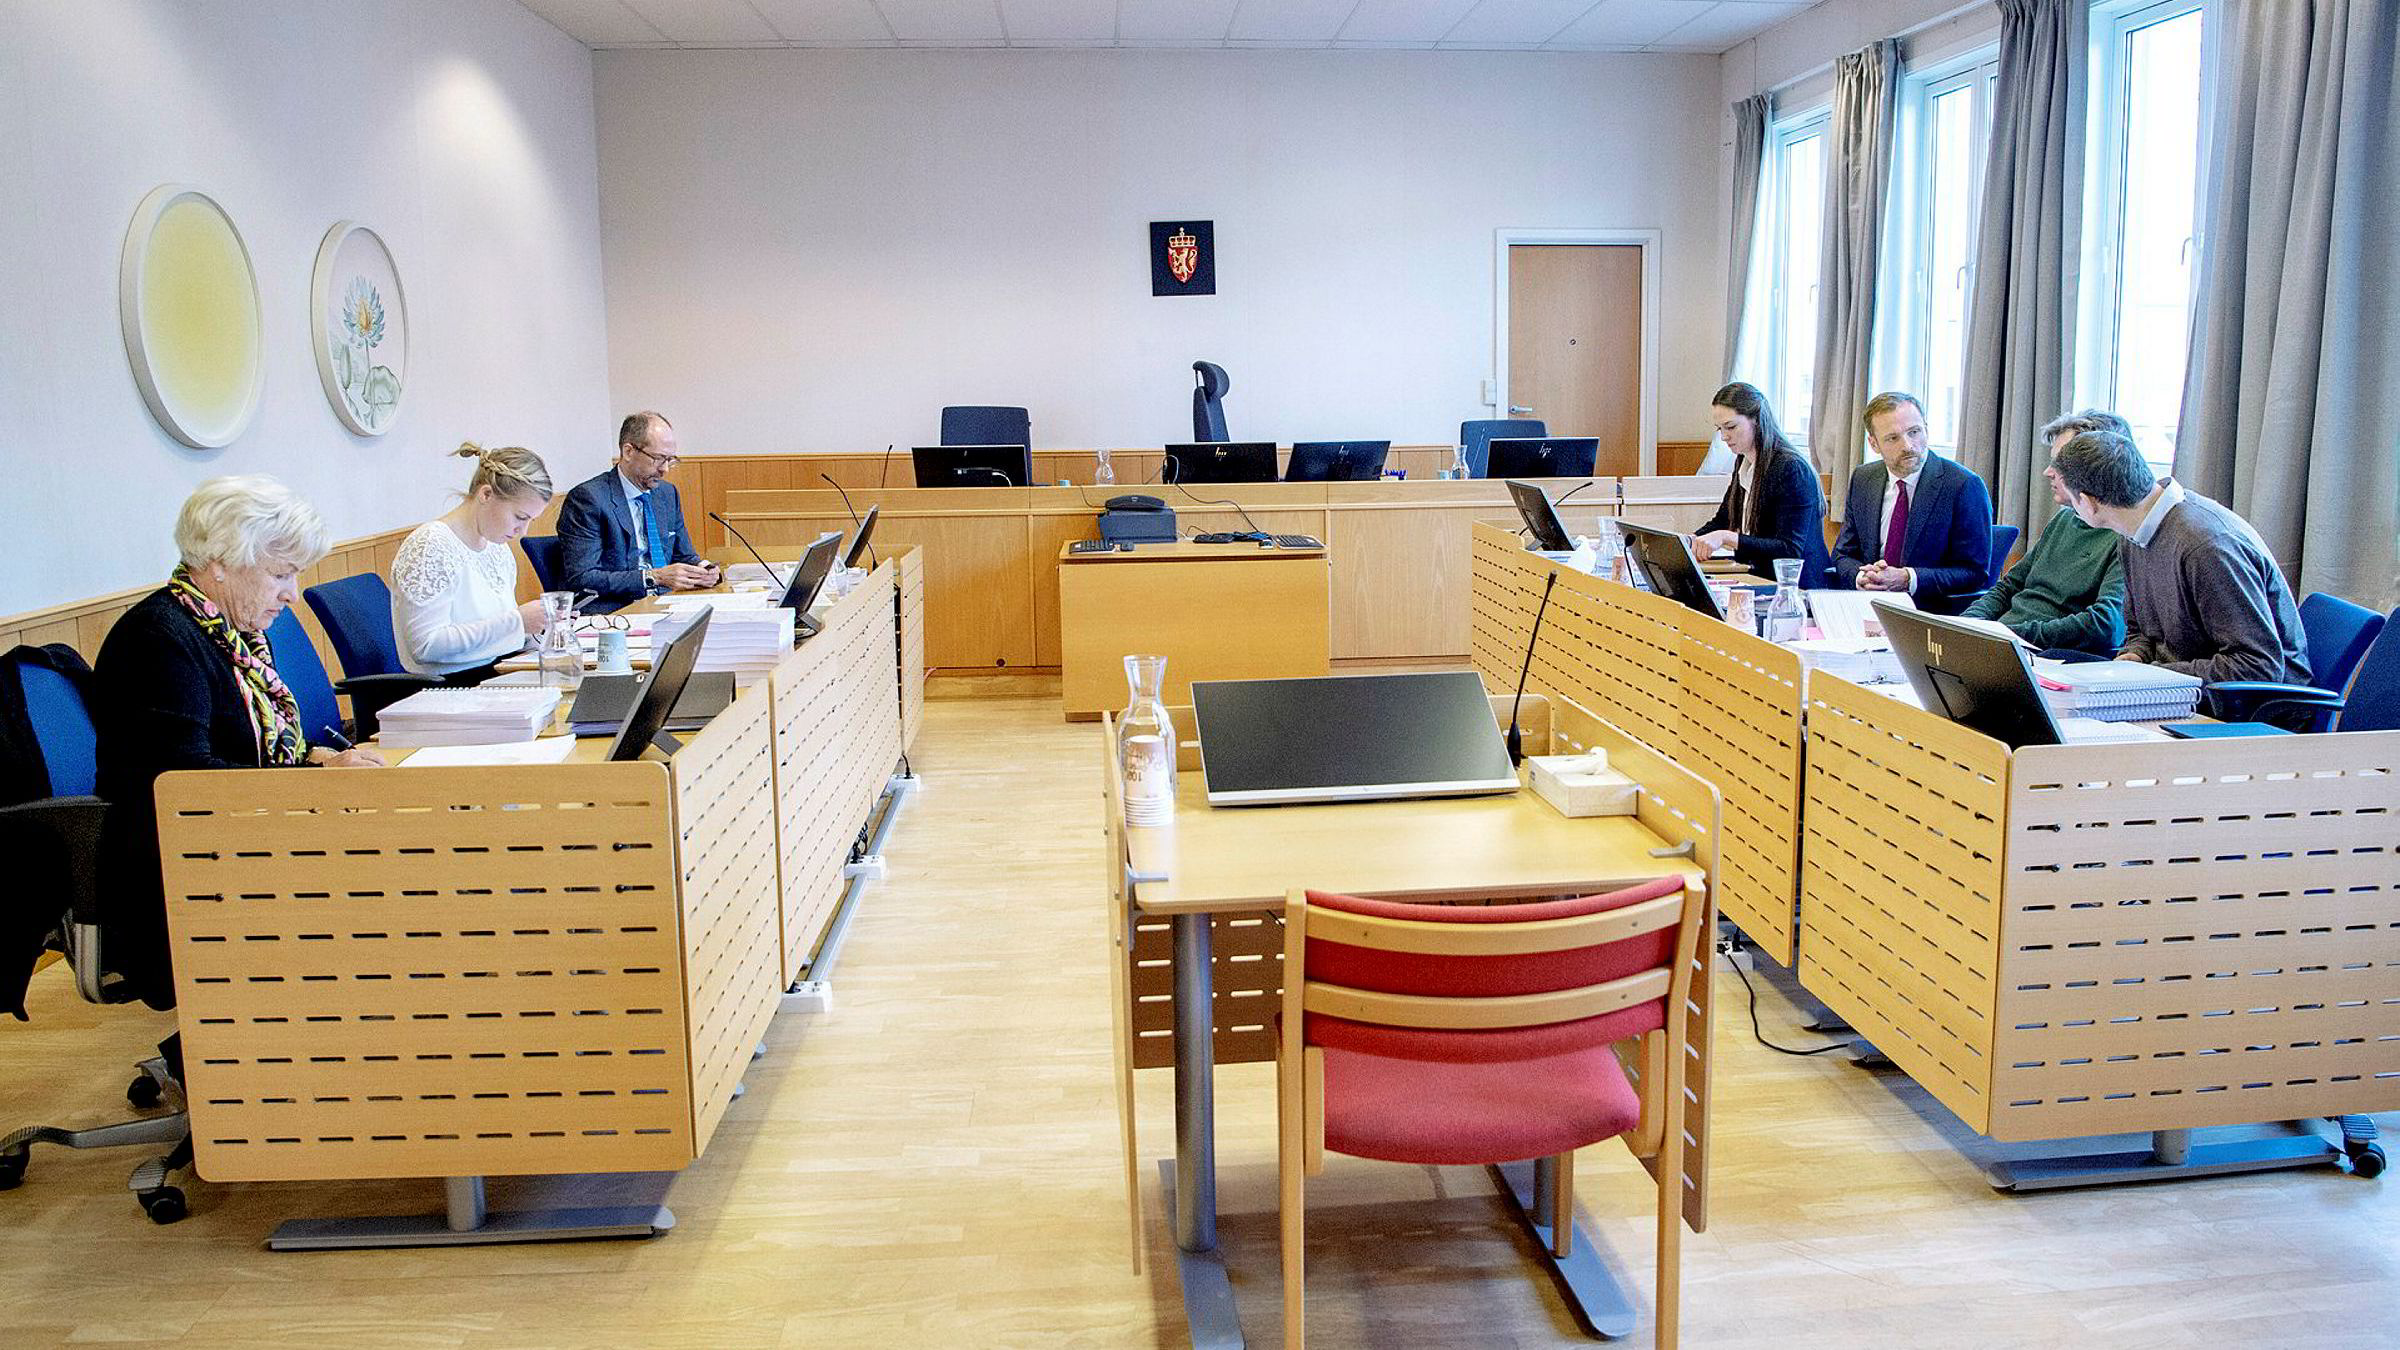 De strides om styringen av 450 millioner kroner som skal gå til lokalidrett i Sandefjord. Siden i sommer har partene møttes i fire runder i rettssalen, (fv) styreleder Laila Kval (tv), med advokatene Hildegunn Alsvik og Jan Fougner mener at  Jørn Magne Johansen (th) og Øystein Hansen (midten) har kuppet styringen av Thorbjørn Hansens stiftelse. Øverst til høyre advokatfullmektig Guro Gjerdrum og advokat Tron Dalheim.